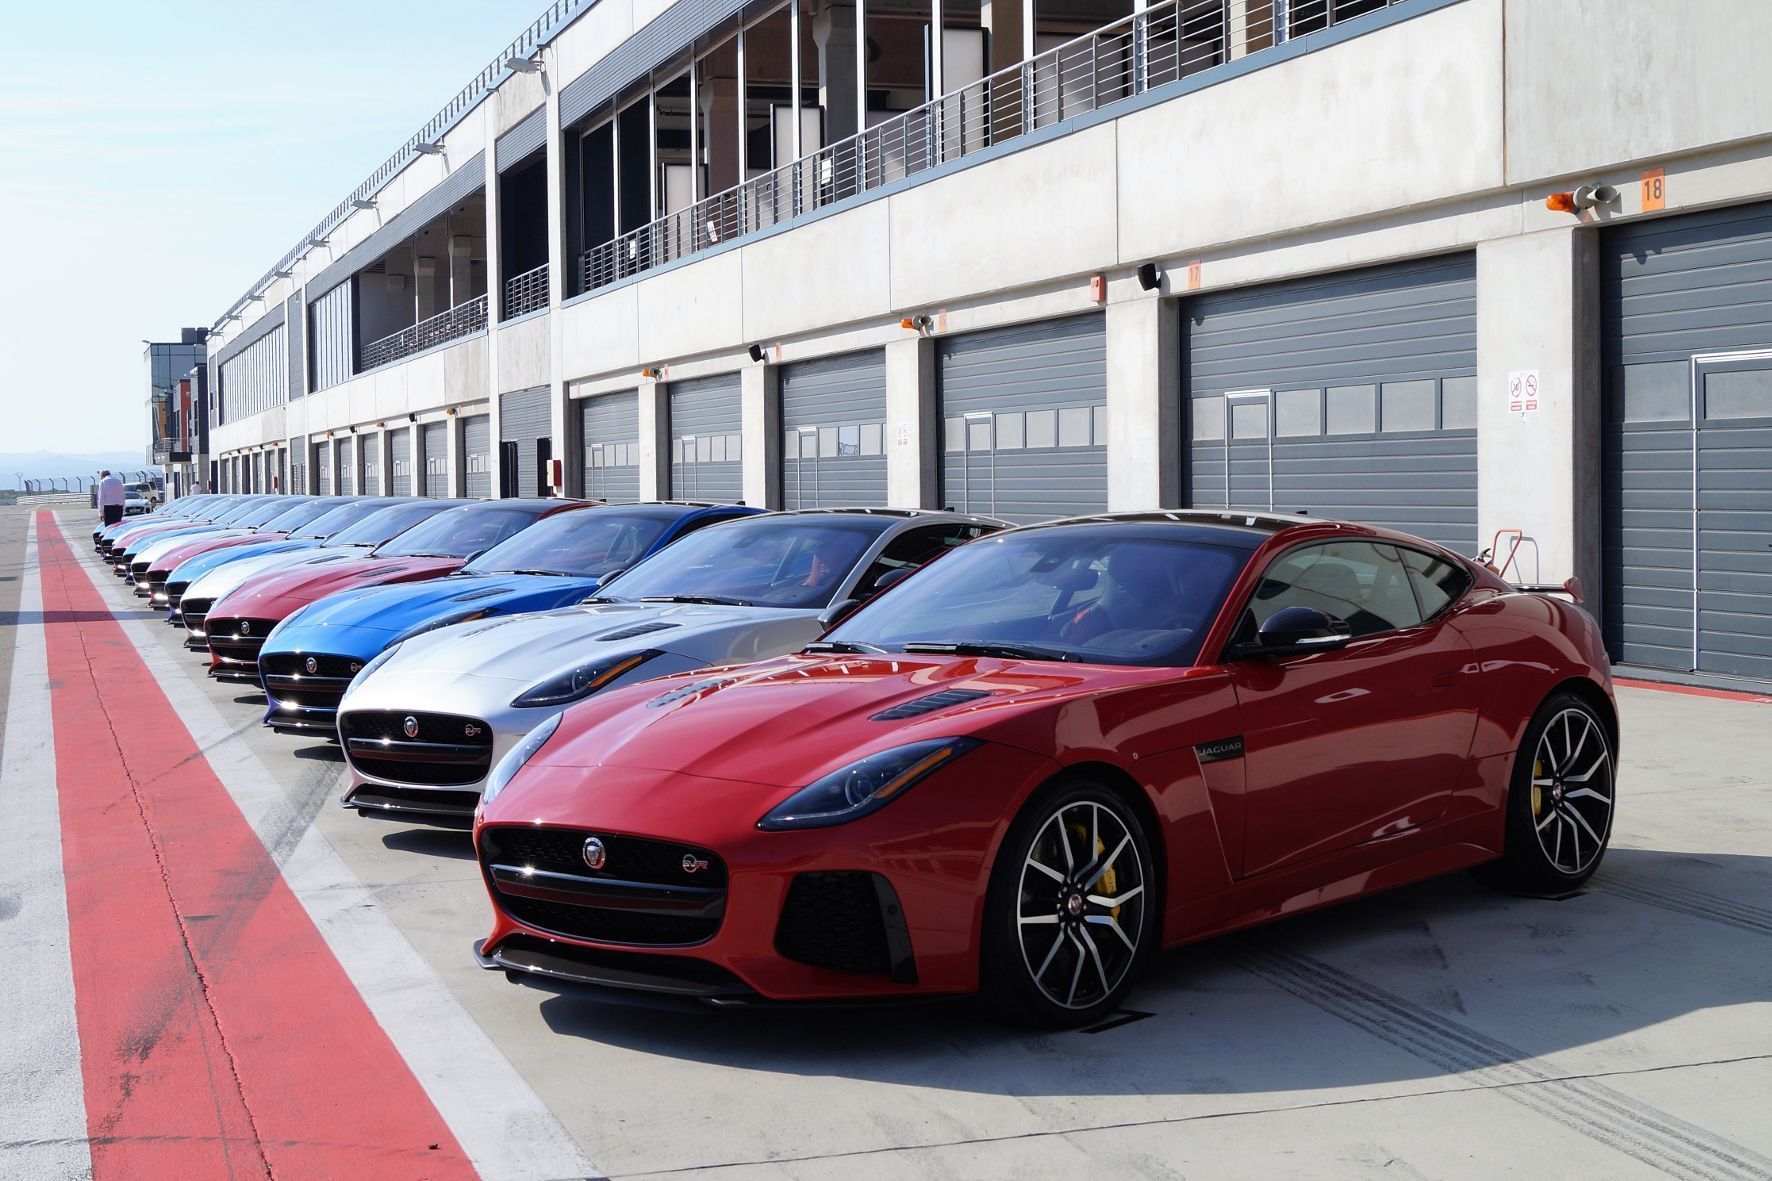 mid Barcelona - Jaguars Gratwanderung: Der F-Type SVR soll auf der Rennstrecke Topleistungen abliefern und dennoch alltagstauglich sein.